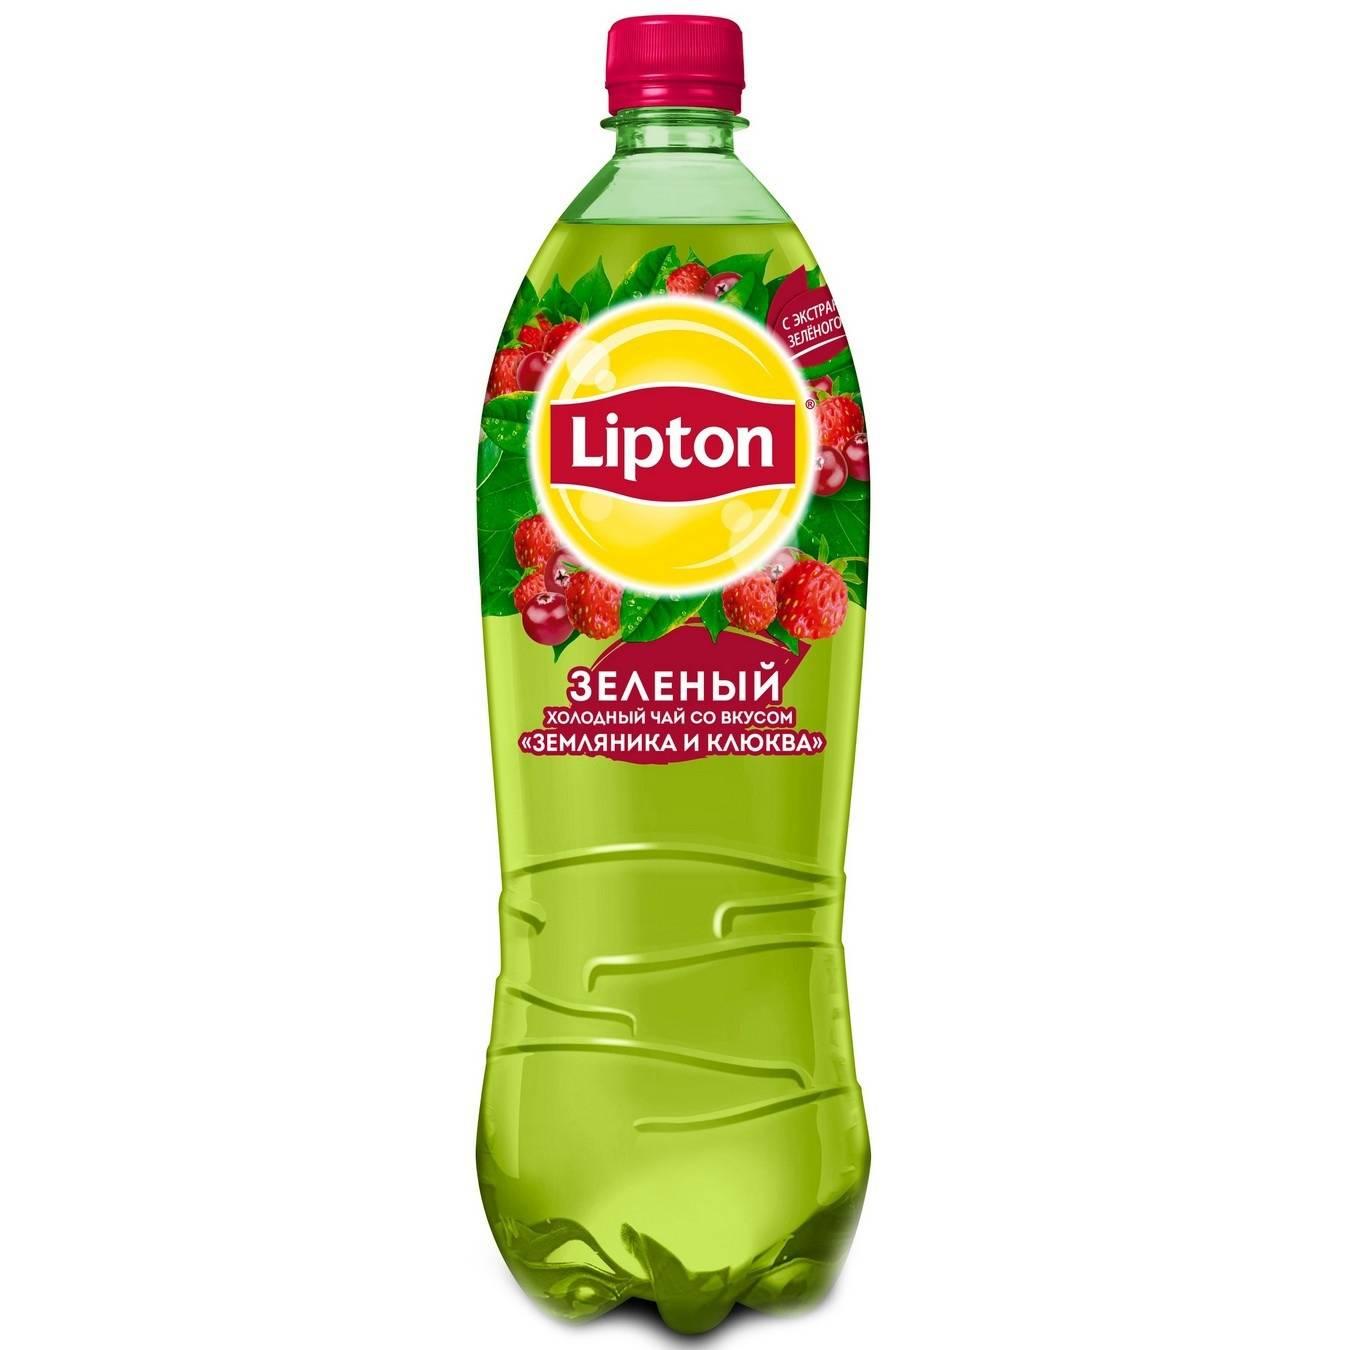 Чай липтон (lipton) | польза и вред | описания  | чайкофский